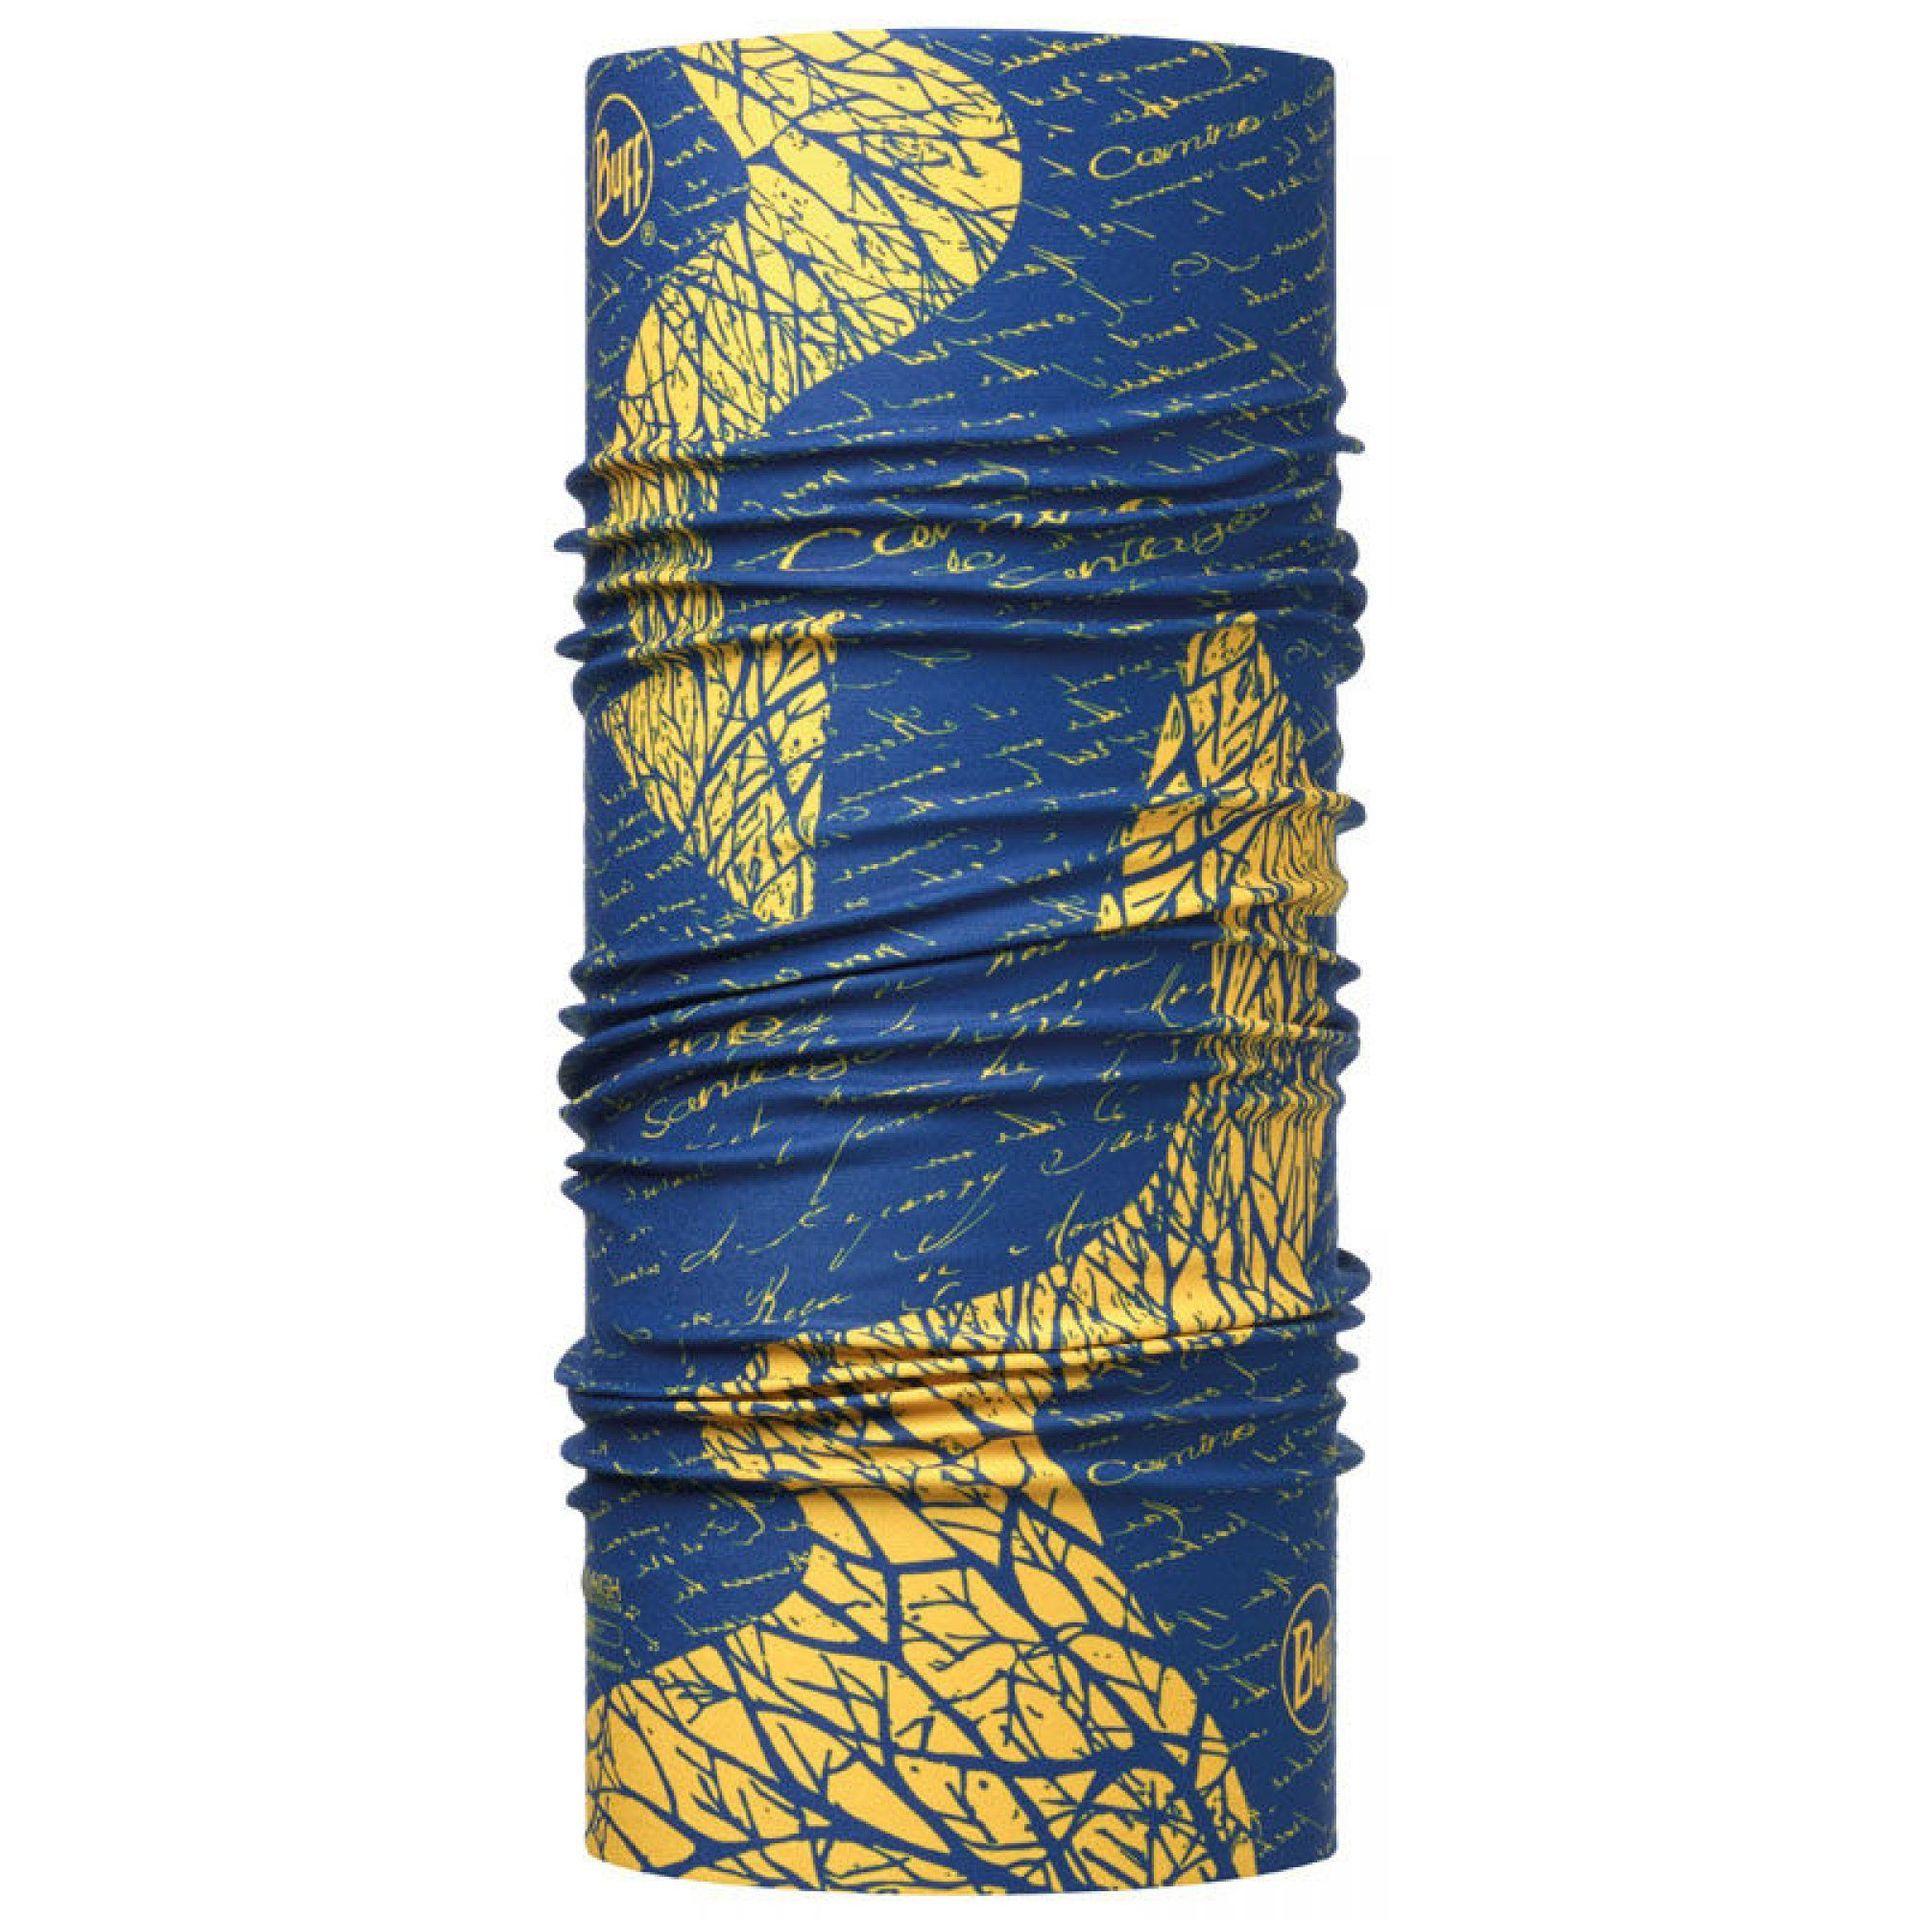 CHUSTA BUFF HIGH UV PROTECTION CAMINO DE SANTIAGO SIGNAL ROYAL BLUE